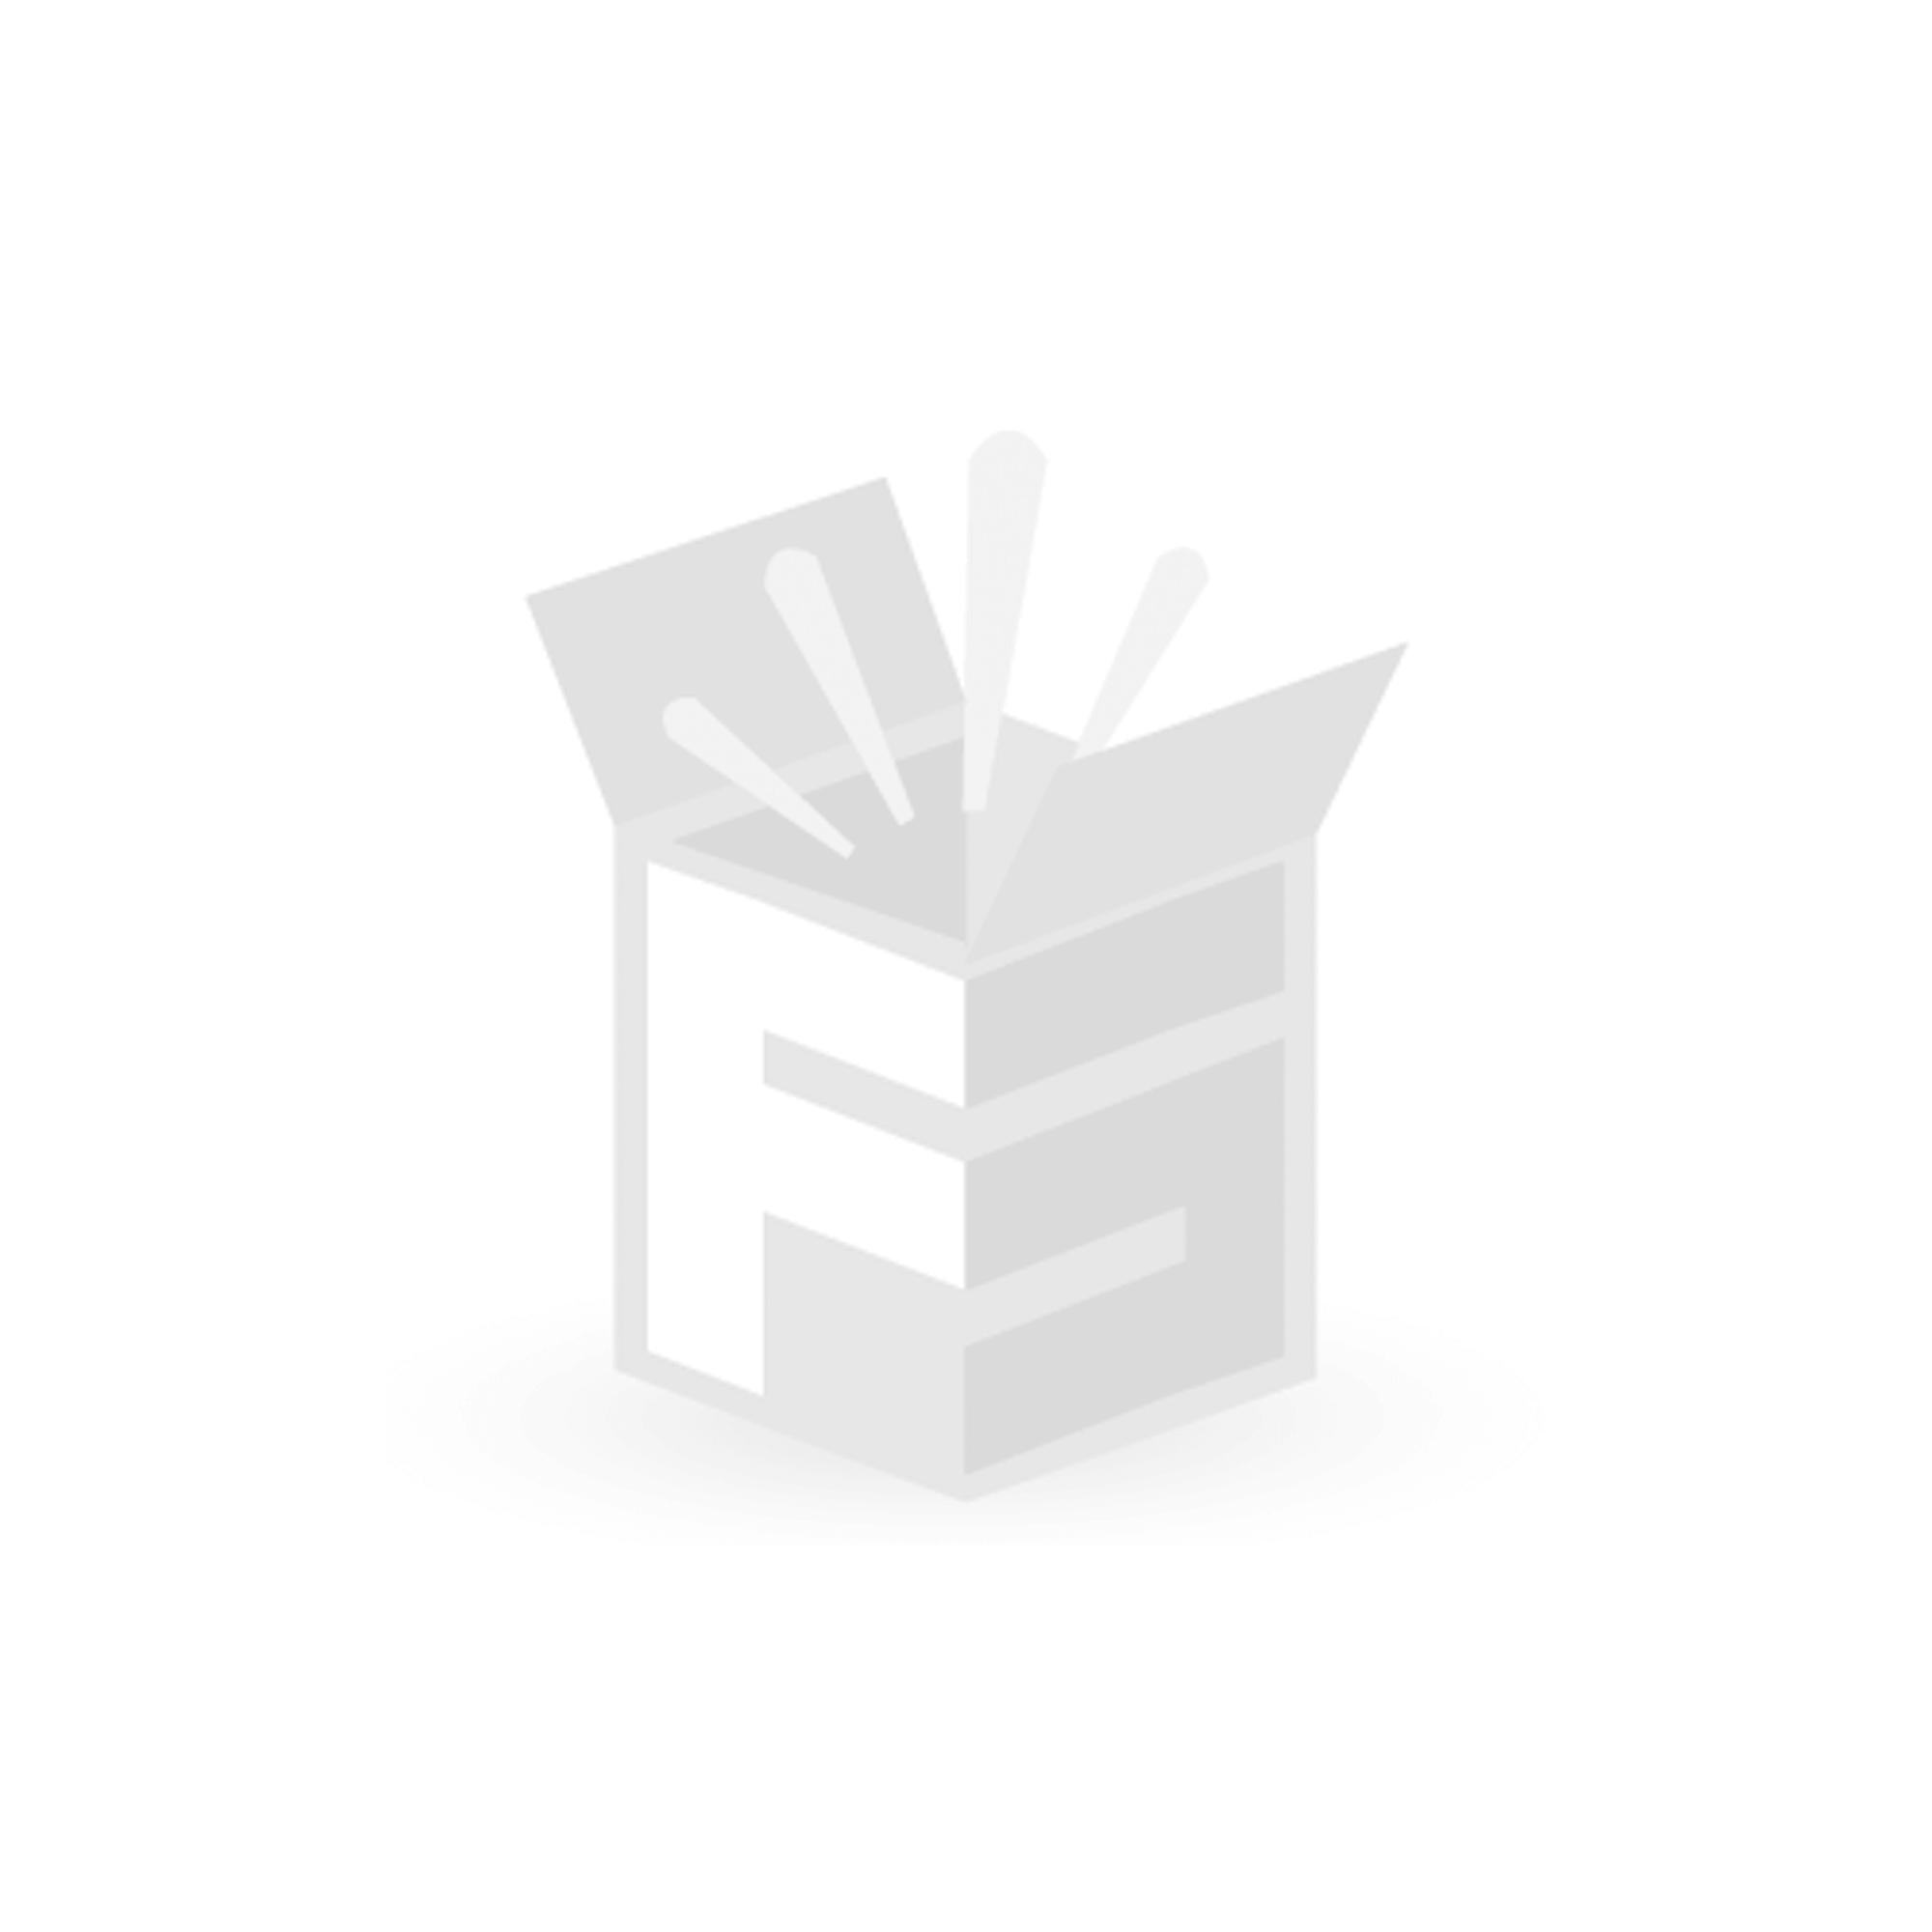 Gutschein für den Frankenspaltershop in Buchs CHF 20.00